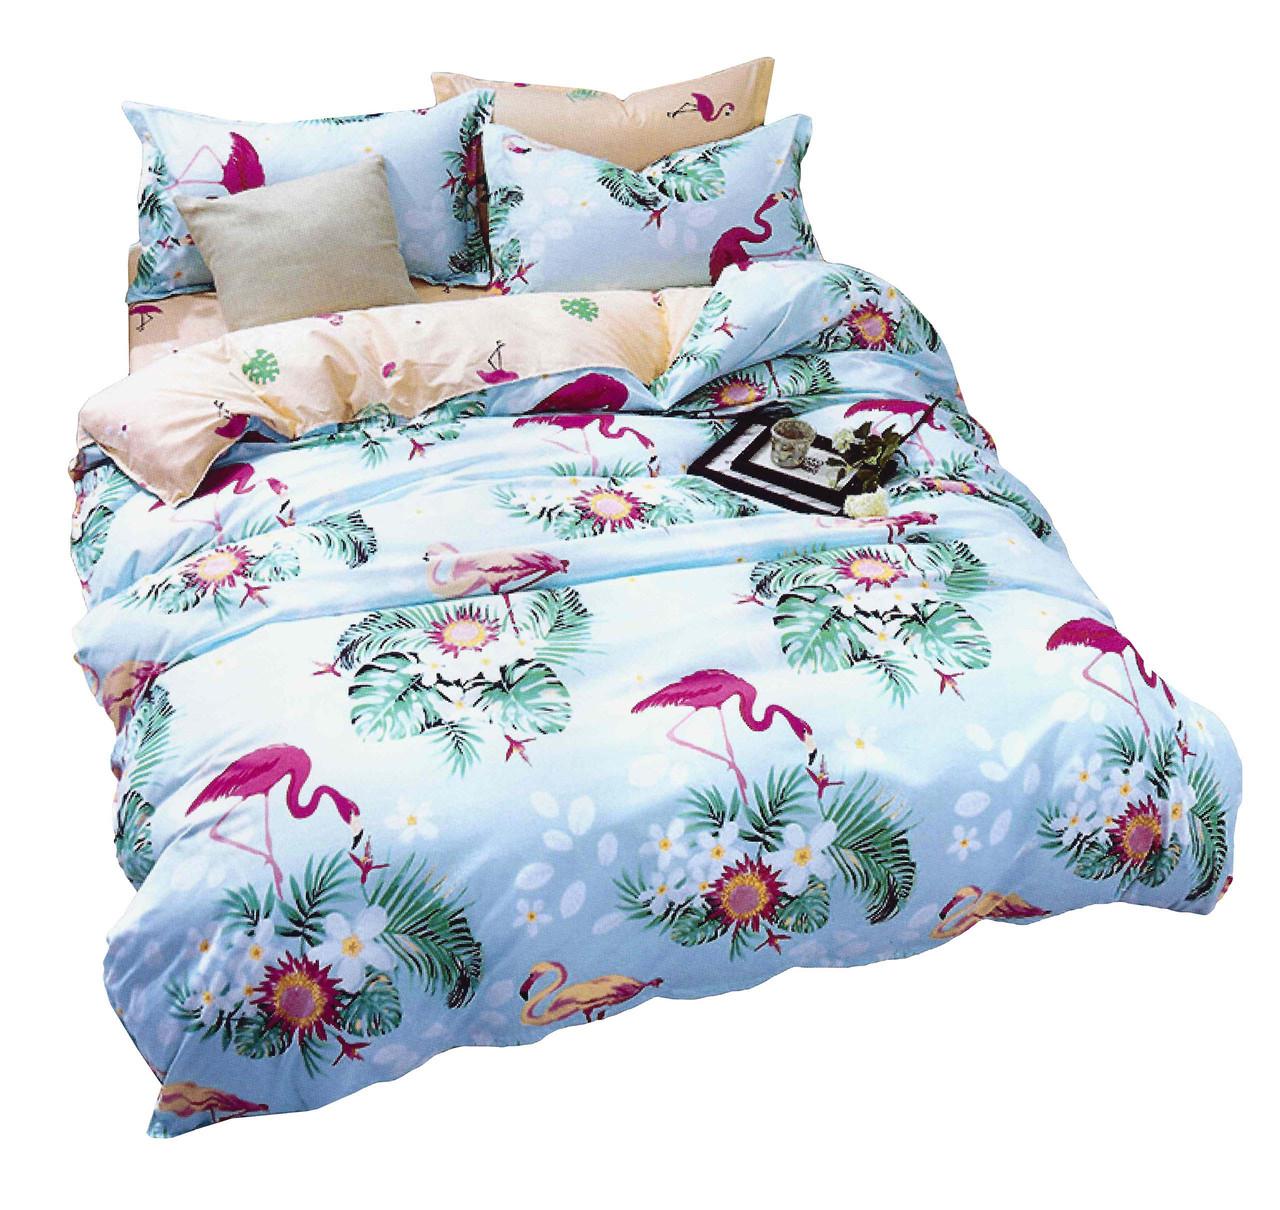 Комплект постельного белья Хлопковый Молодежный 057 M&M 5705 Синий, Зеленый, Розовый